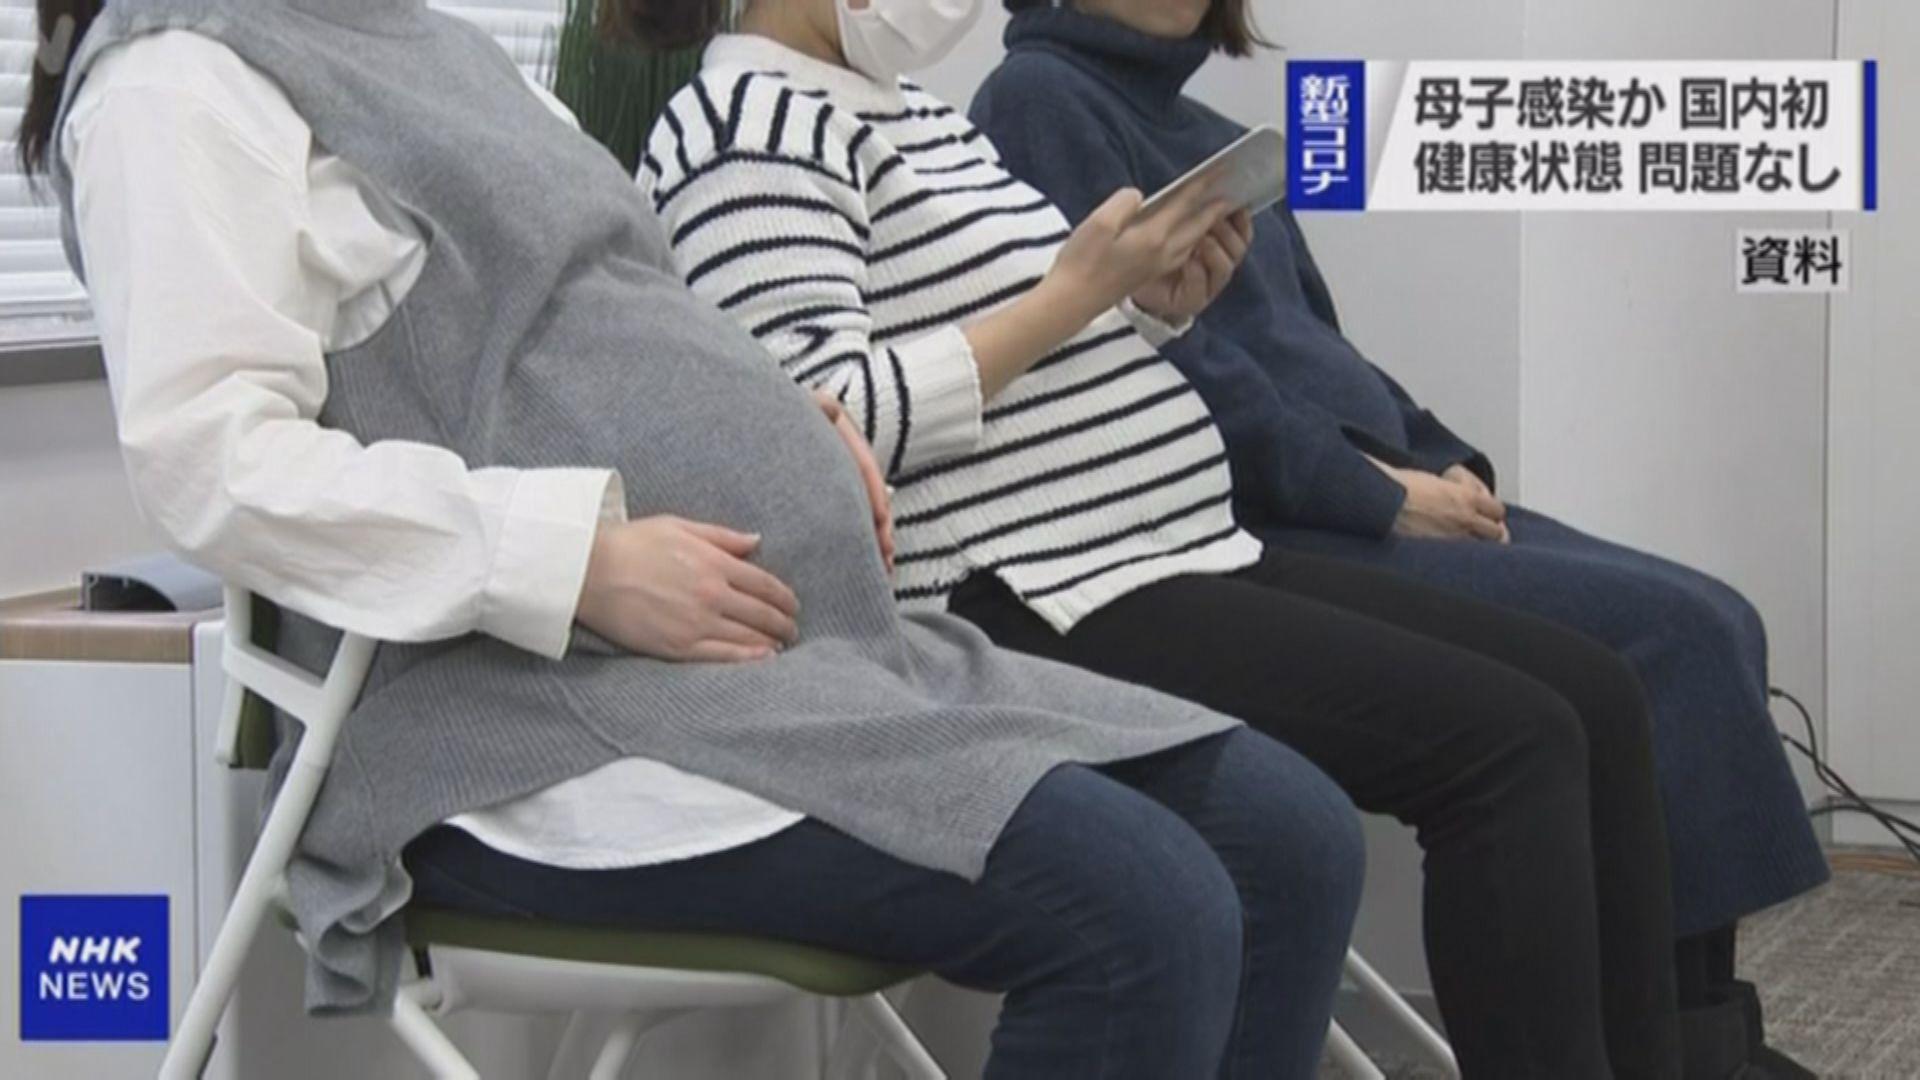 日本現首宗疑似母嬰垂直感染新冠病毒個案